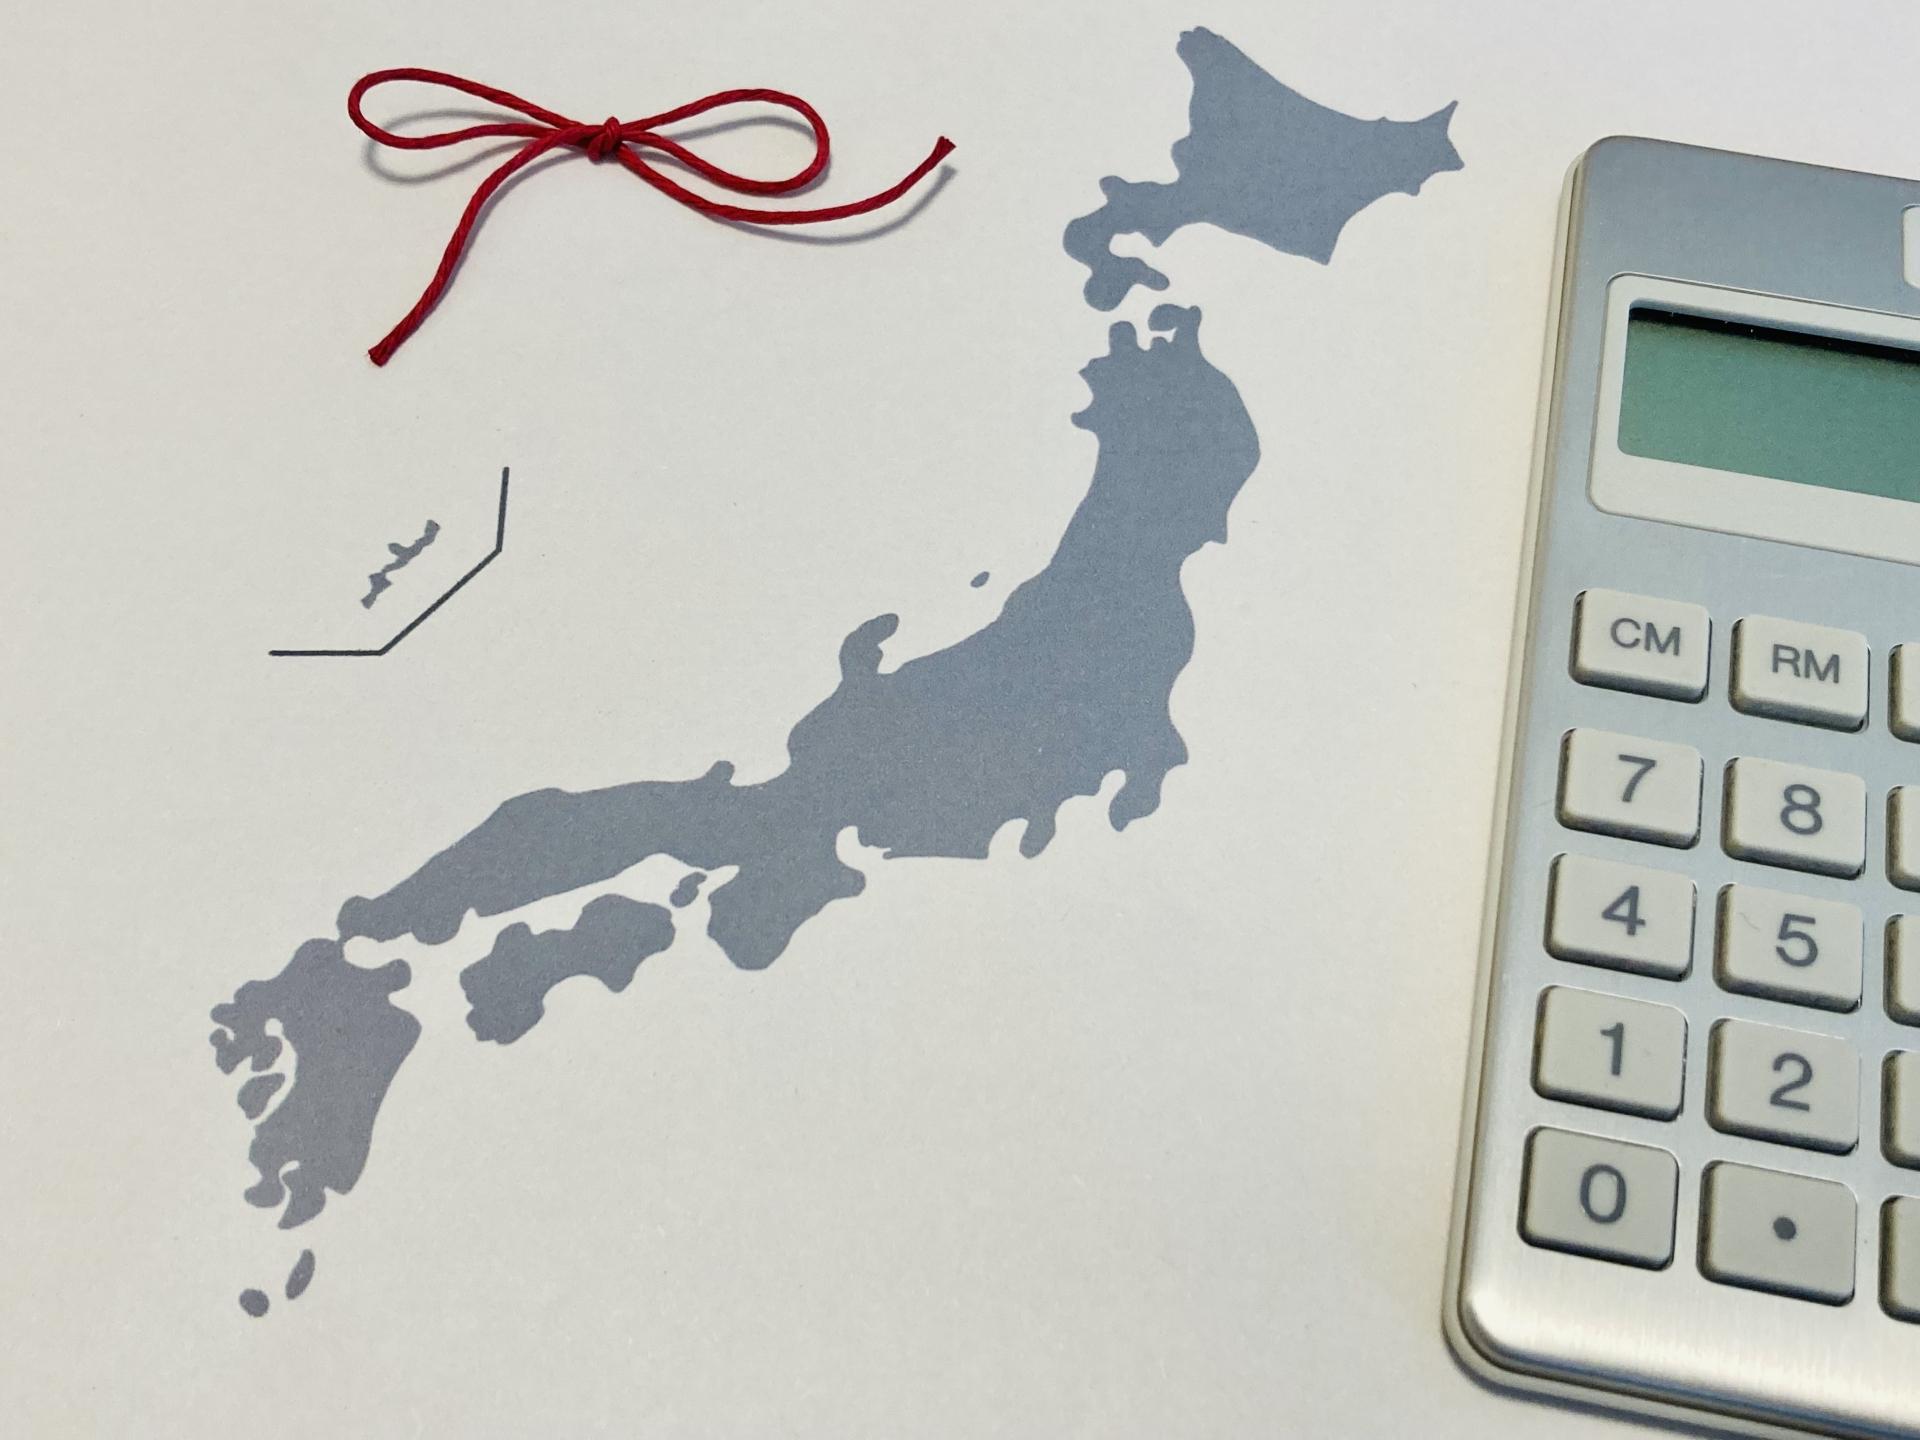 ふるさと納税、2022年の確定申告から手続き簡素化